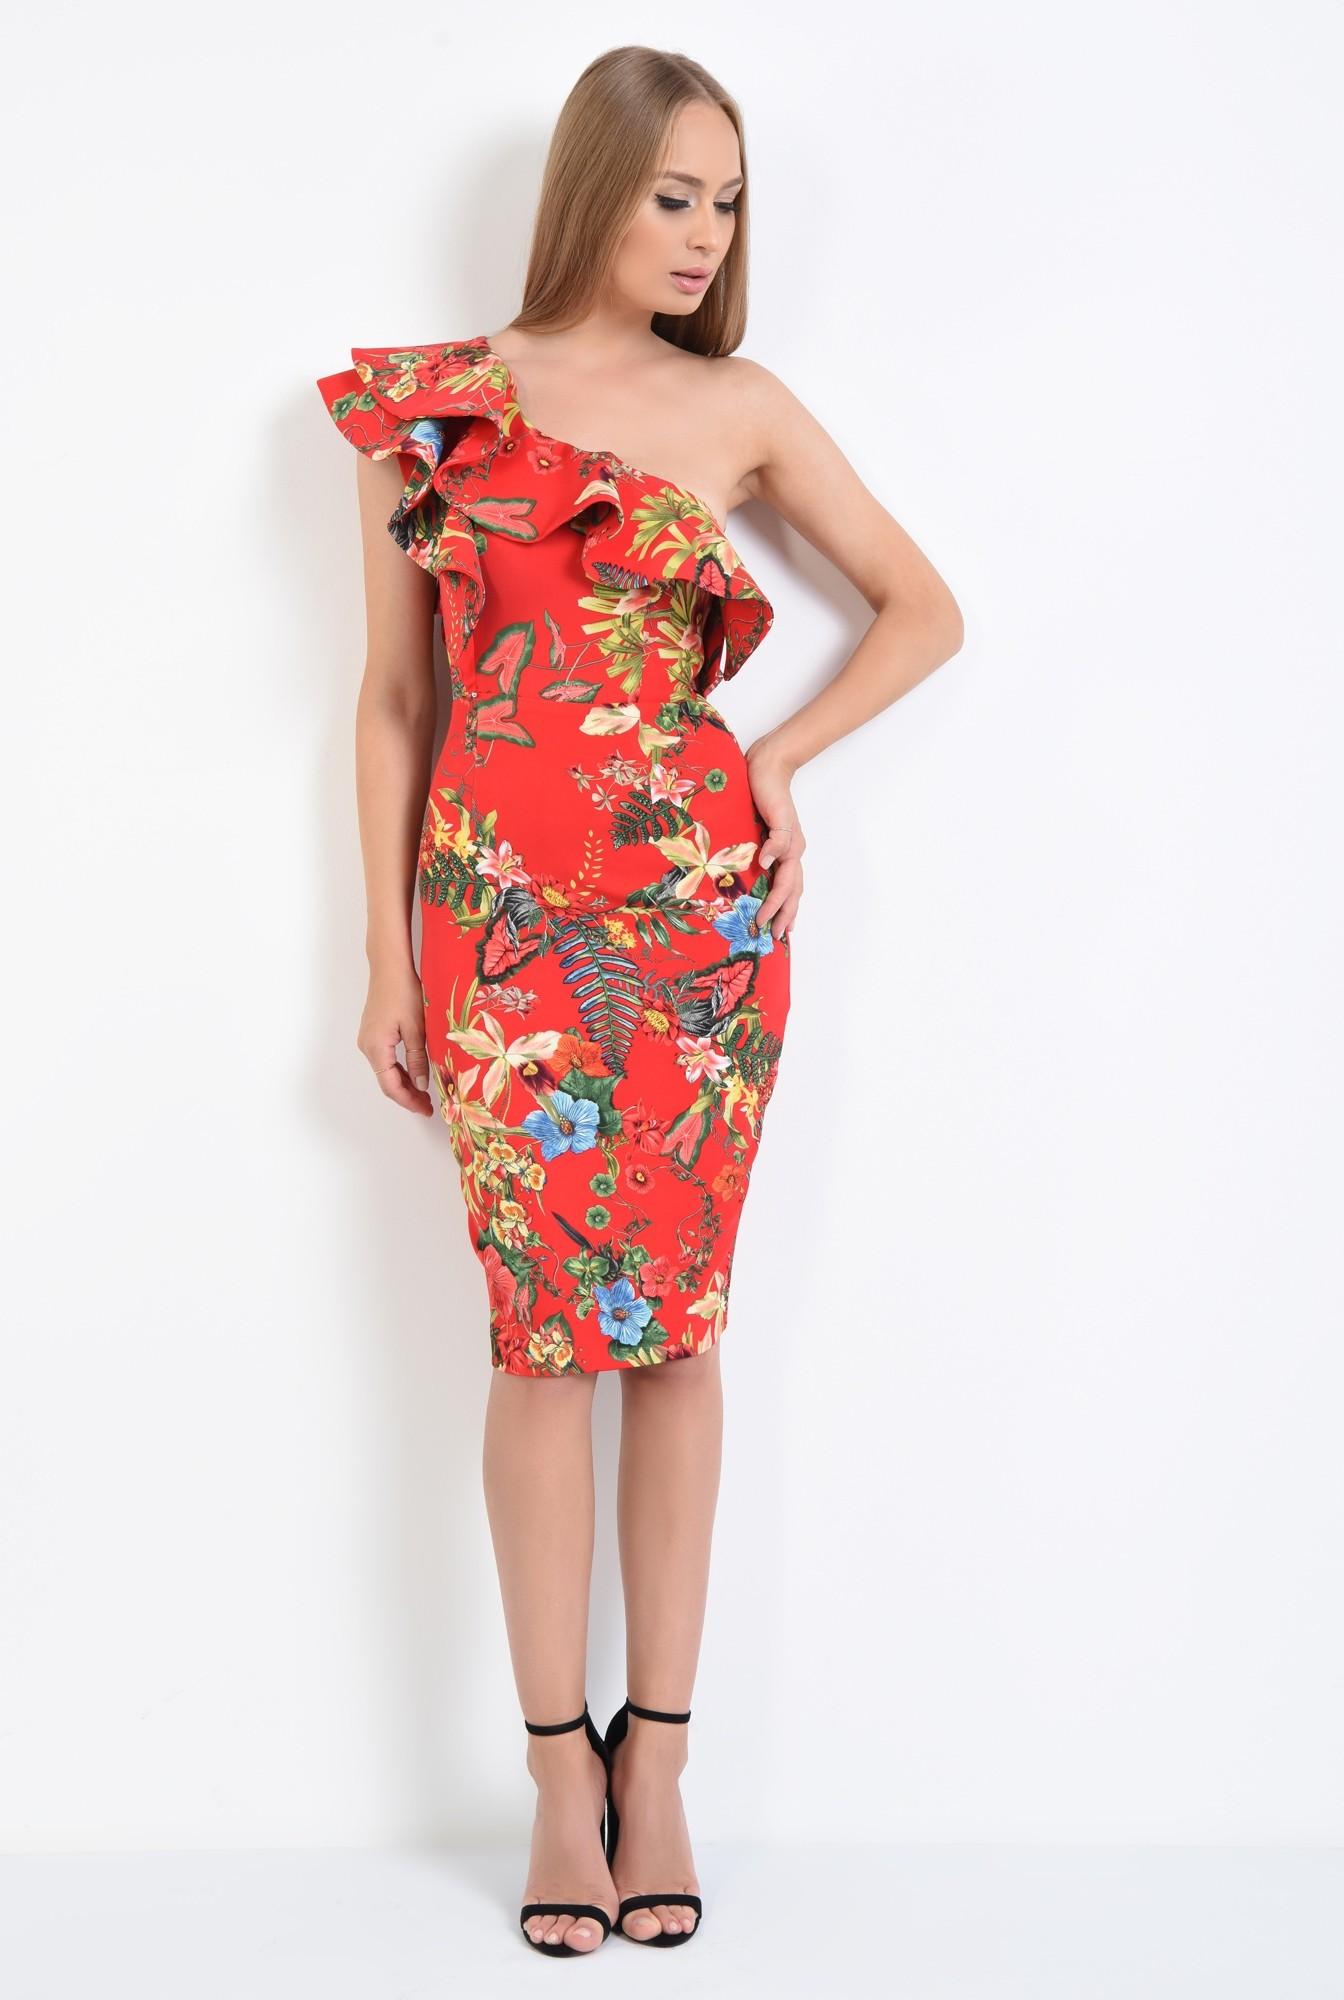 3 - rochie eleganta, conica, midi, motive florale, rosu